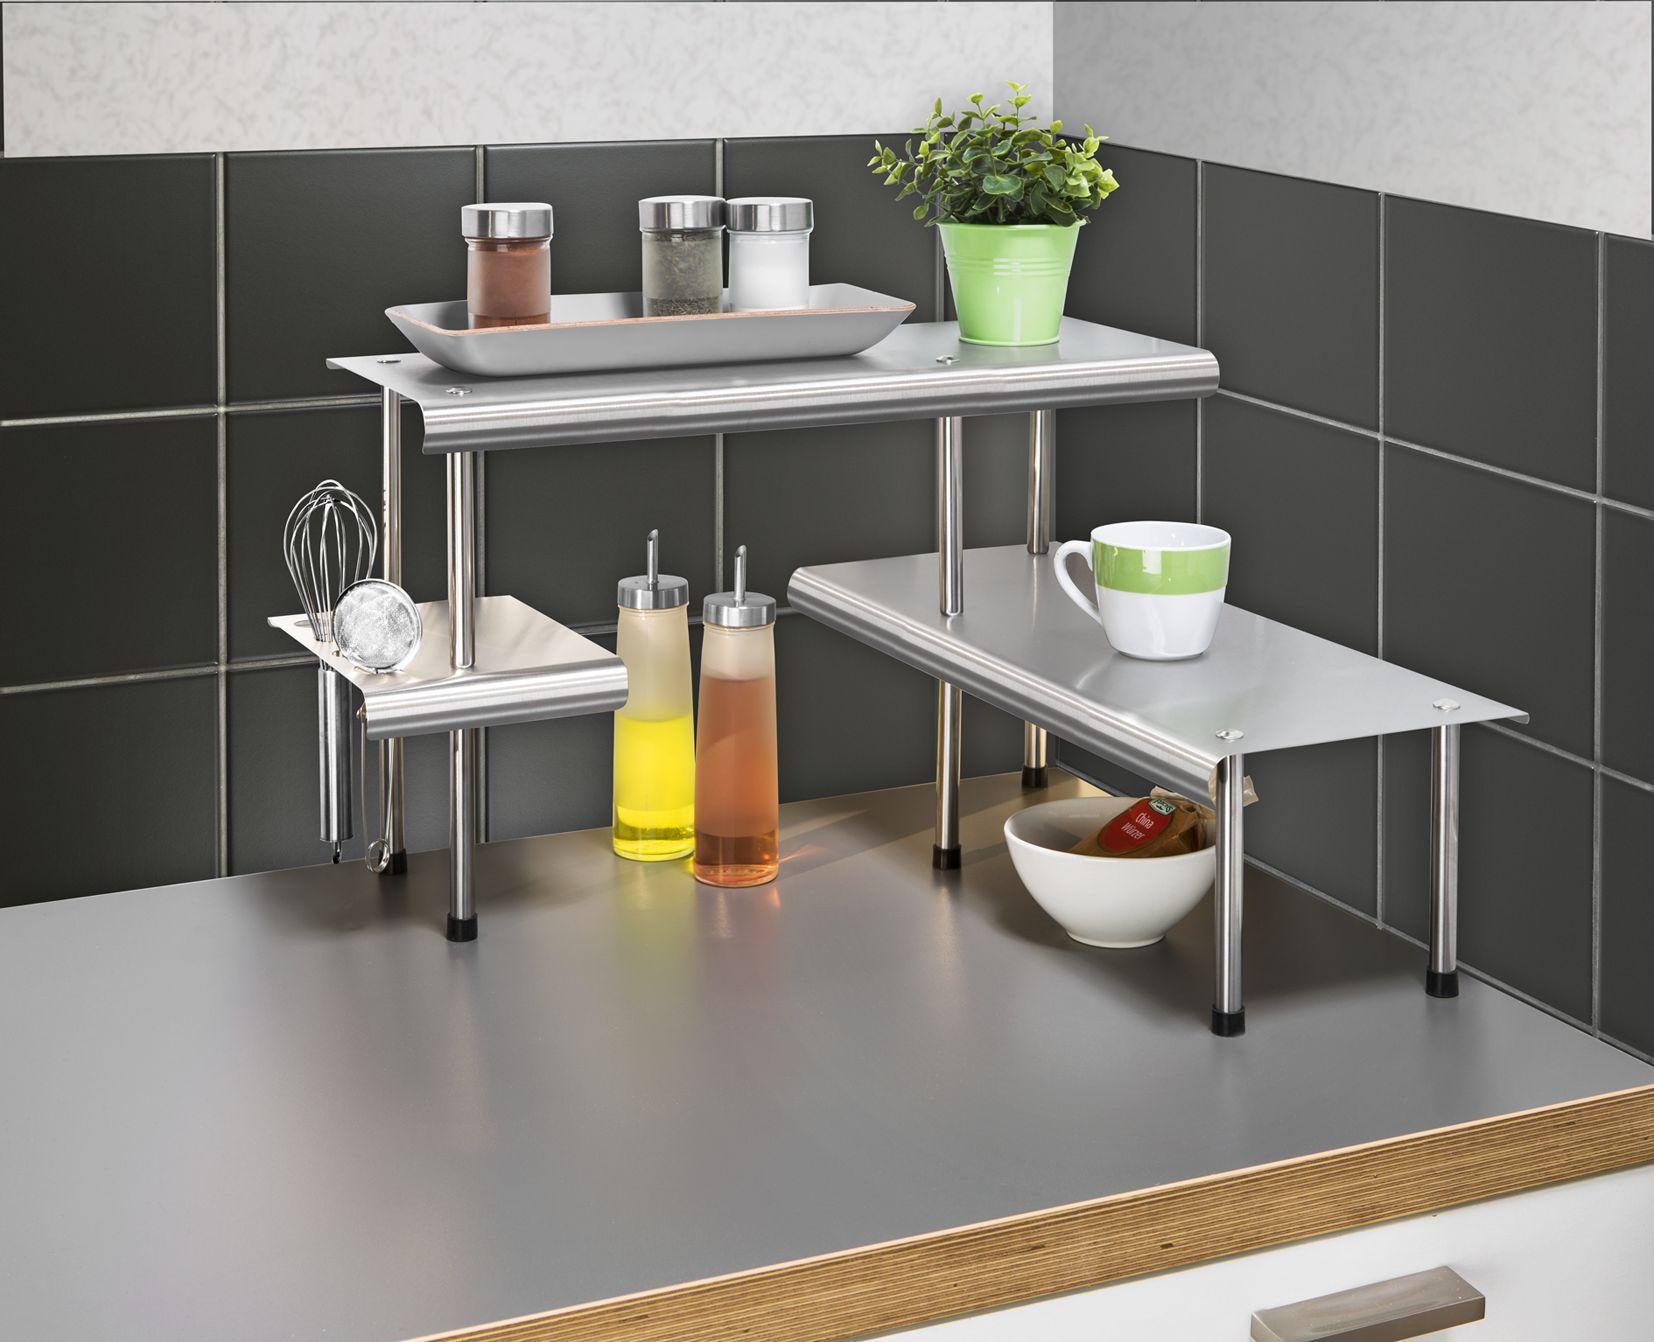 Küchen Aus Edelstahl wenko küchen eckregal massivo trio mit 3 ablagen edelstahl rostfrei